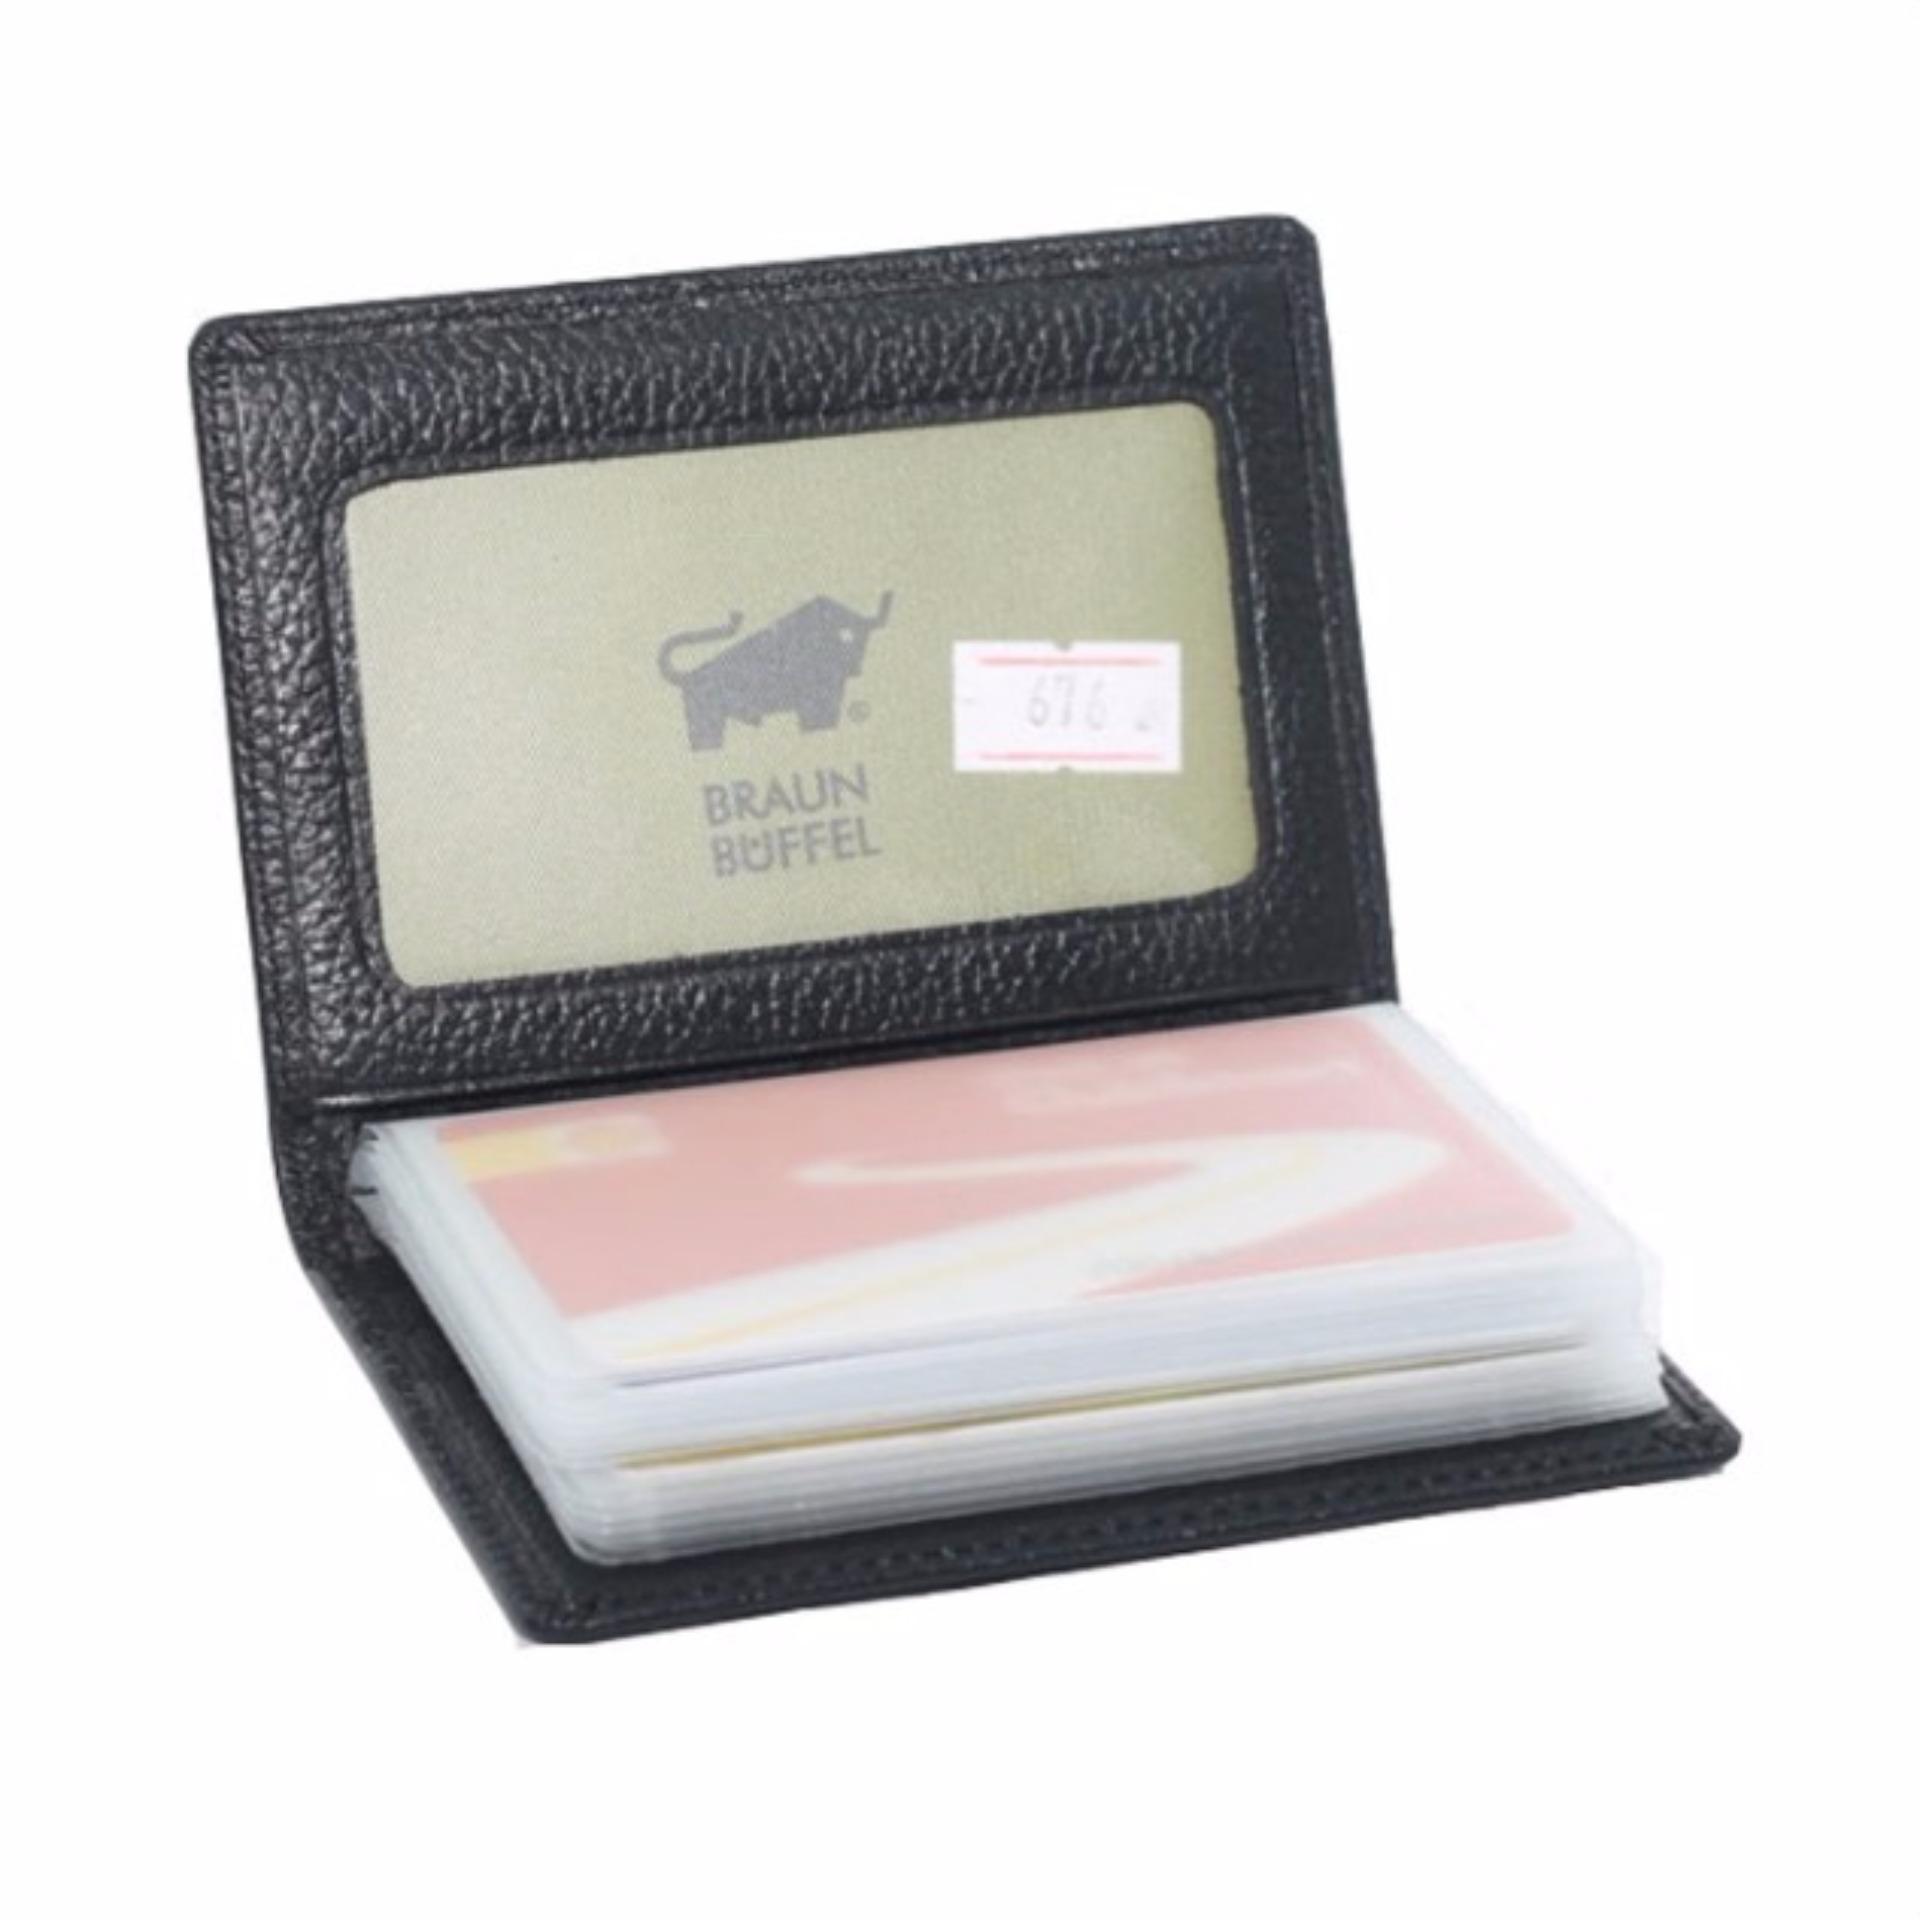 Pencarian Termurah Dompet Kartu Kulit BRAUNBUFFEL DKR2B 15 Slot Card harga penawaran - Hanya Rp143.850